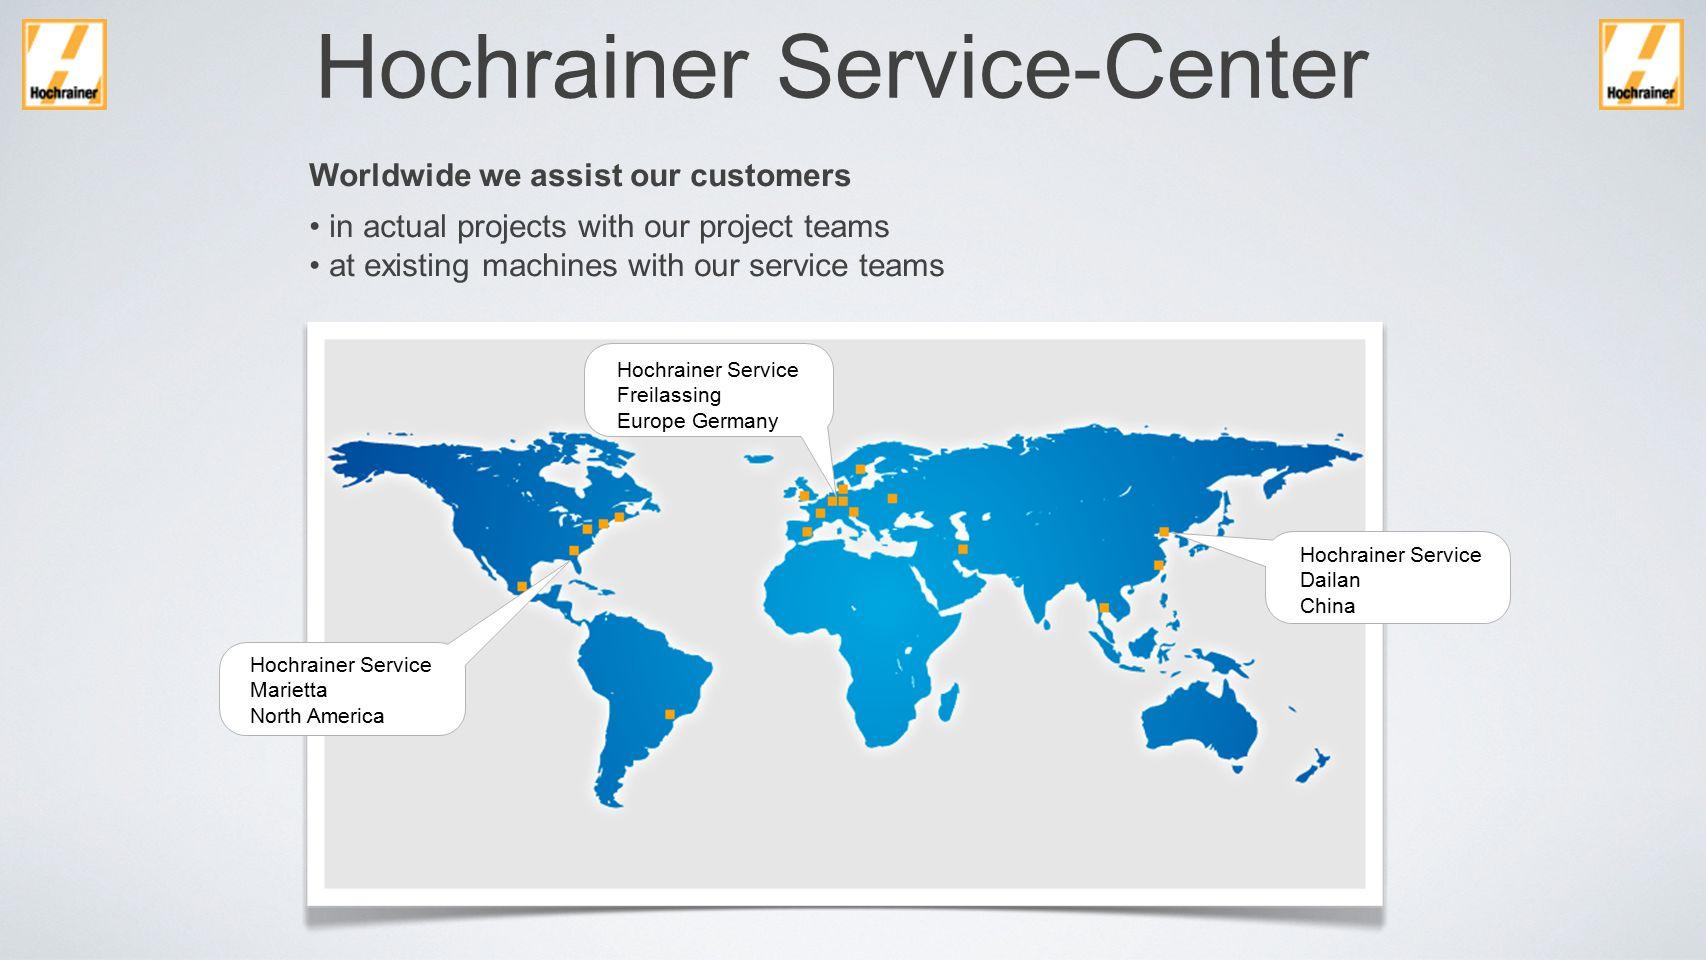 Hochrainer Service-Center Our service technicians Germany 03046Cottbus 04178Leipzig 06317Seegebiet Mansfelder 14480Potsdam 35325Mücke 36199Rotenburg a.d.